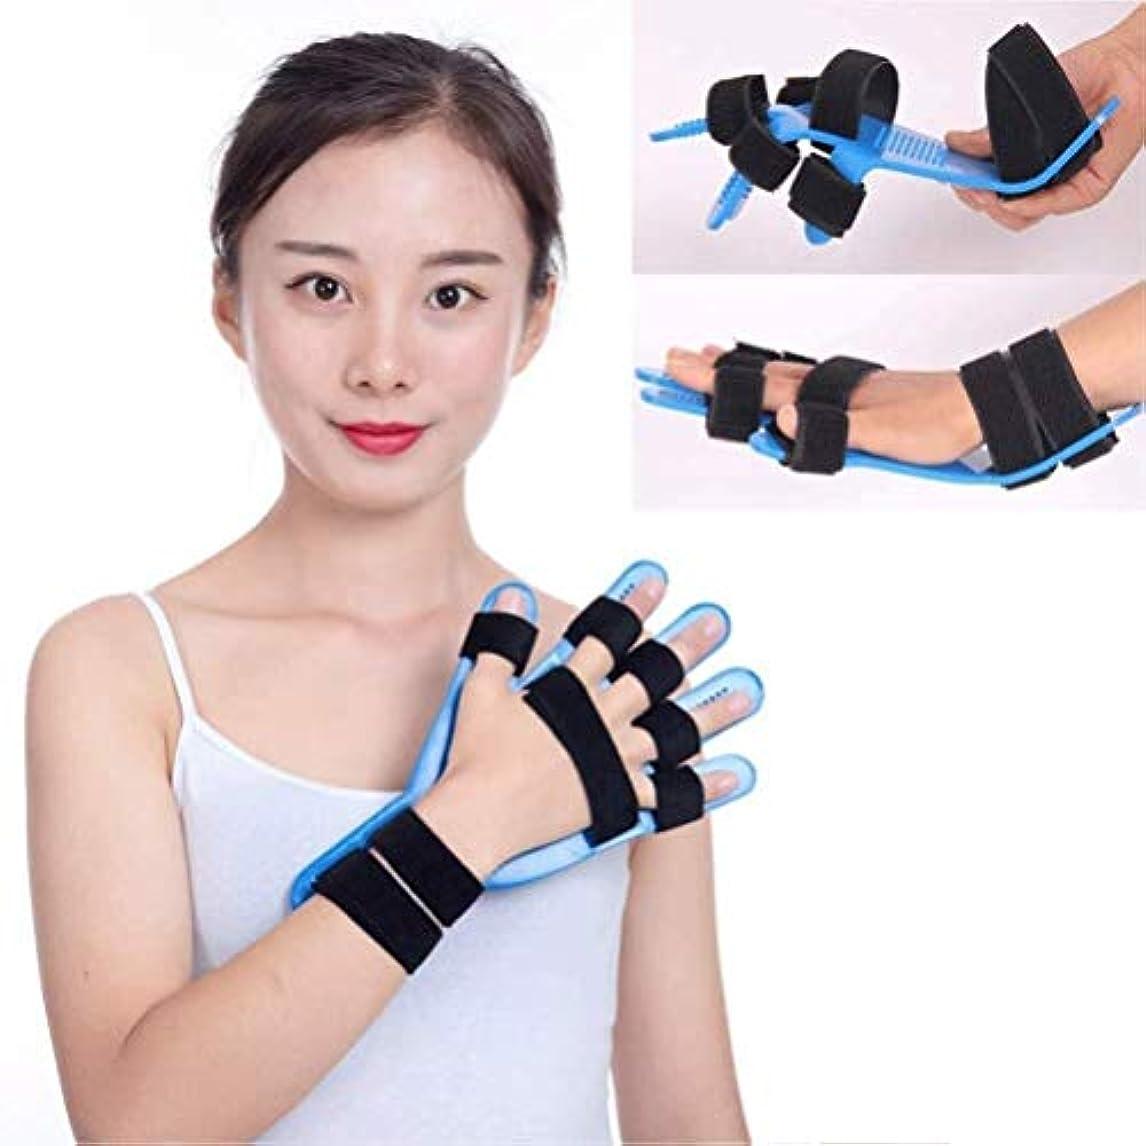 貸し手柔らかい葬儀外傷性脳卒中/片麻痺/リハビリテーション-Fingerスプリントブレースの手の手首のトレーニング装具ストローク機器